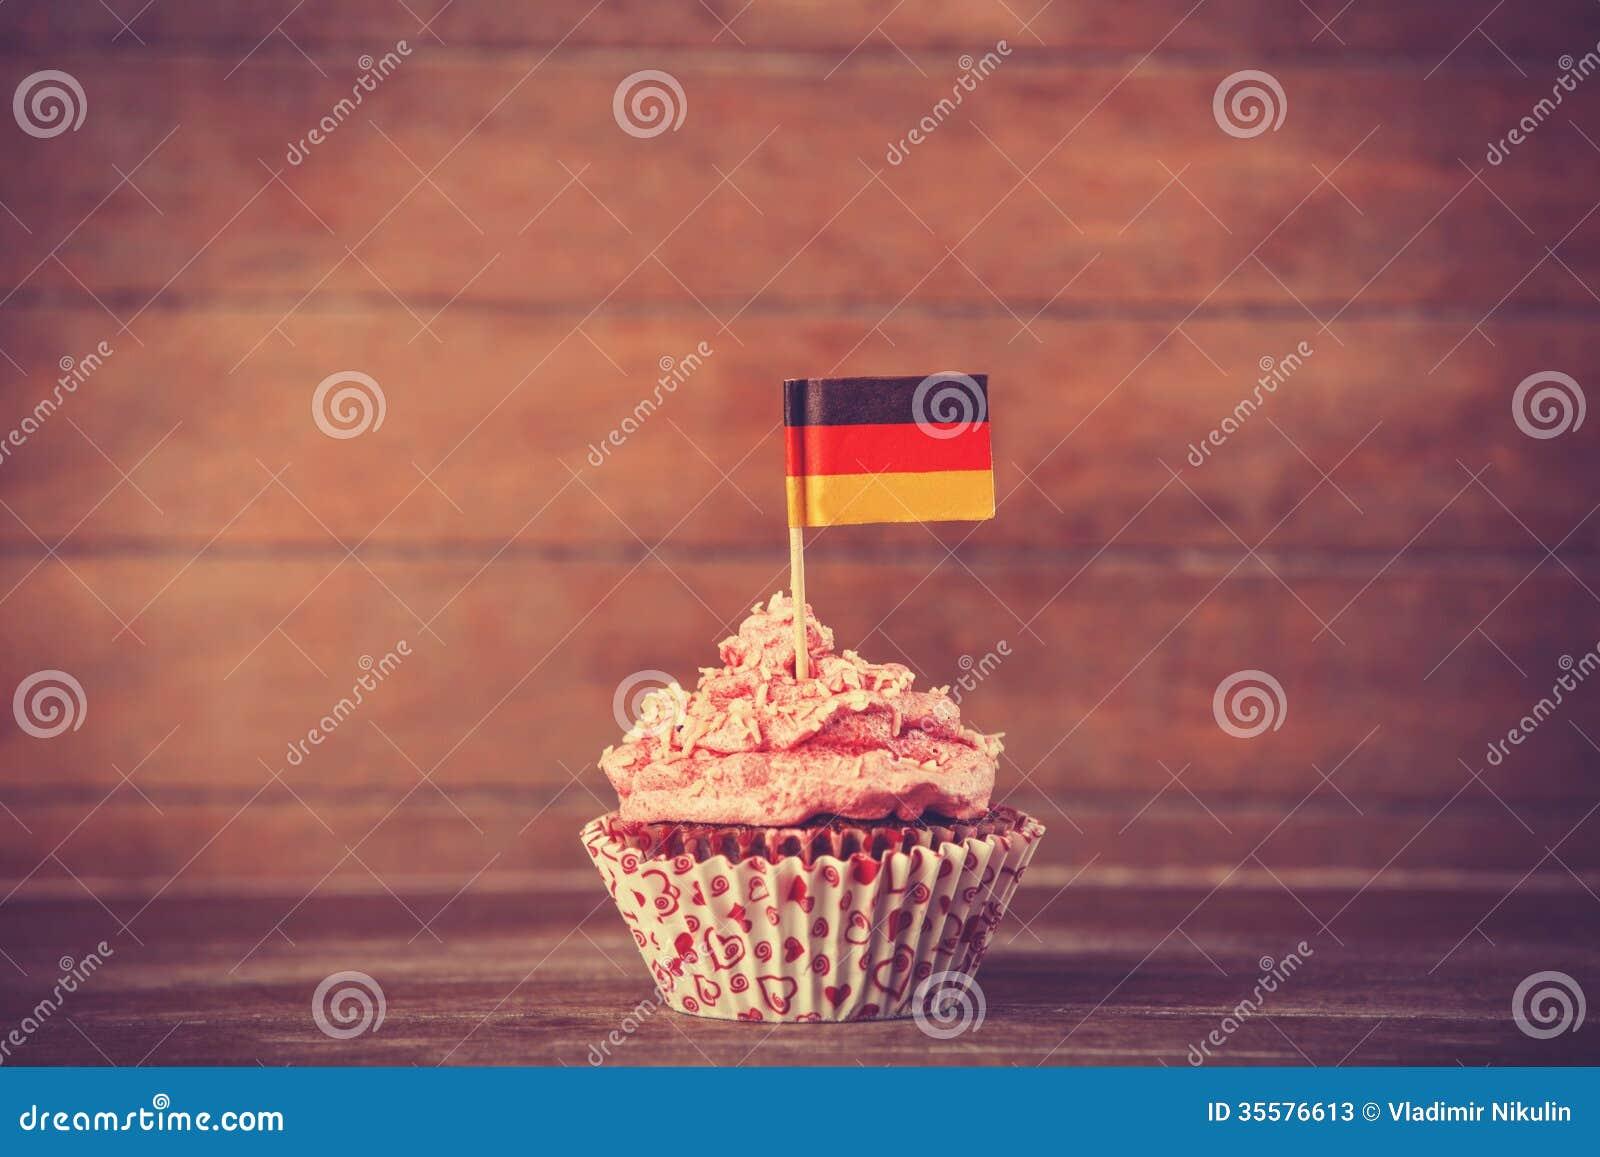 Kuchen Mit Deutschland Flagge Stockbild Bild Von Kohlenhydrate